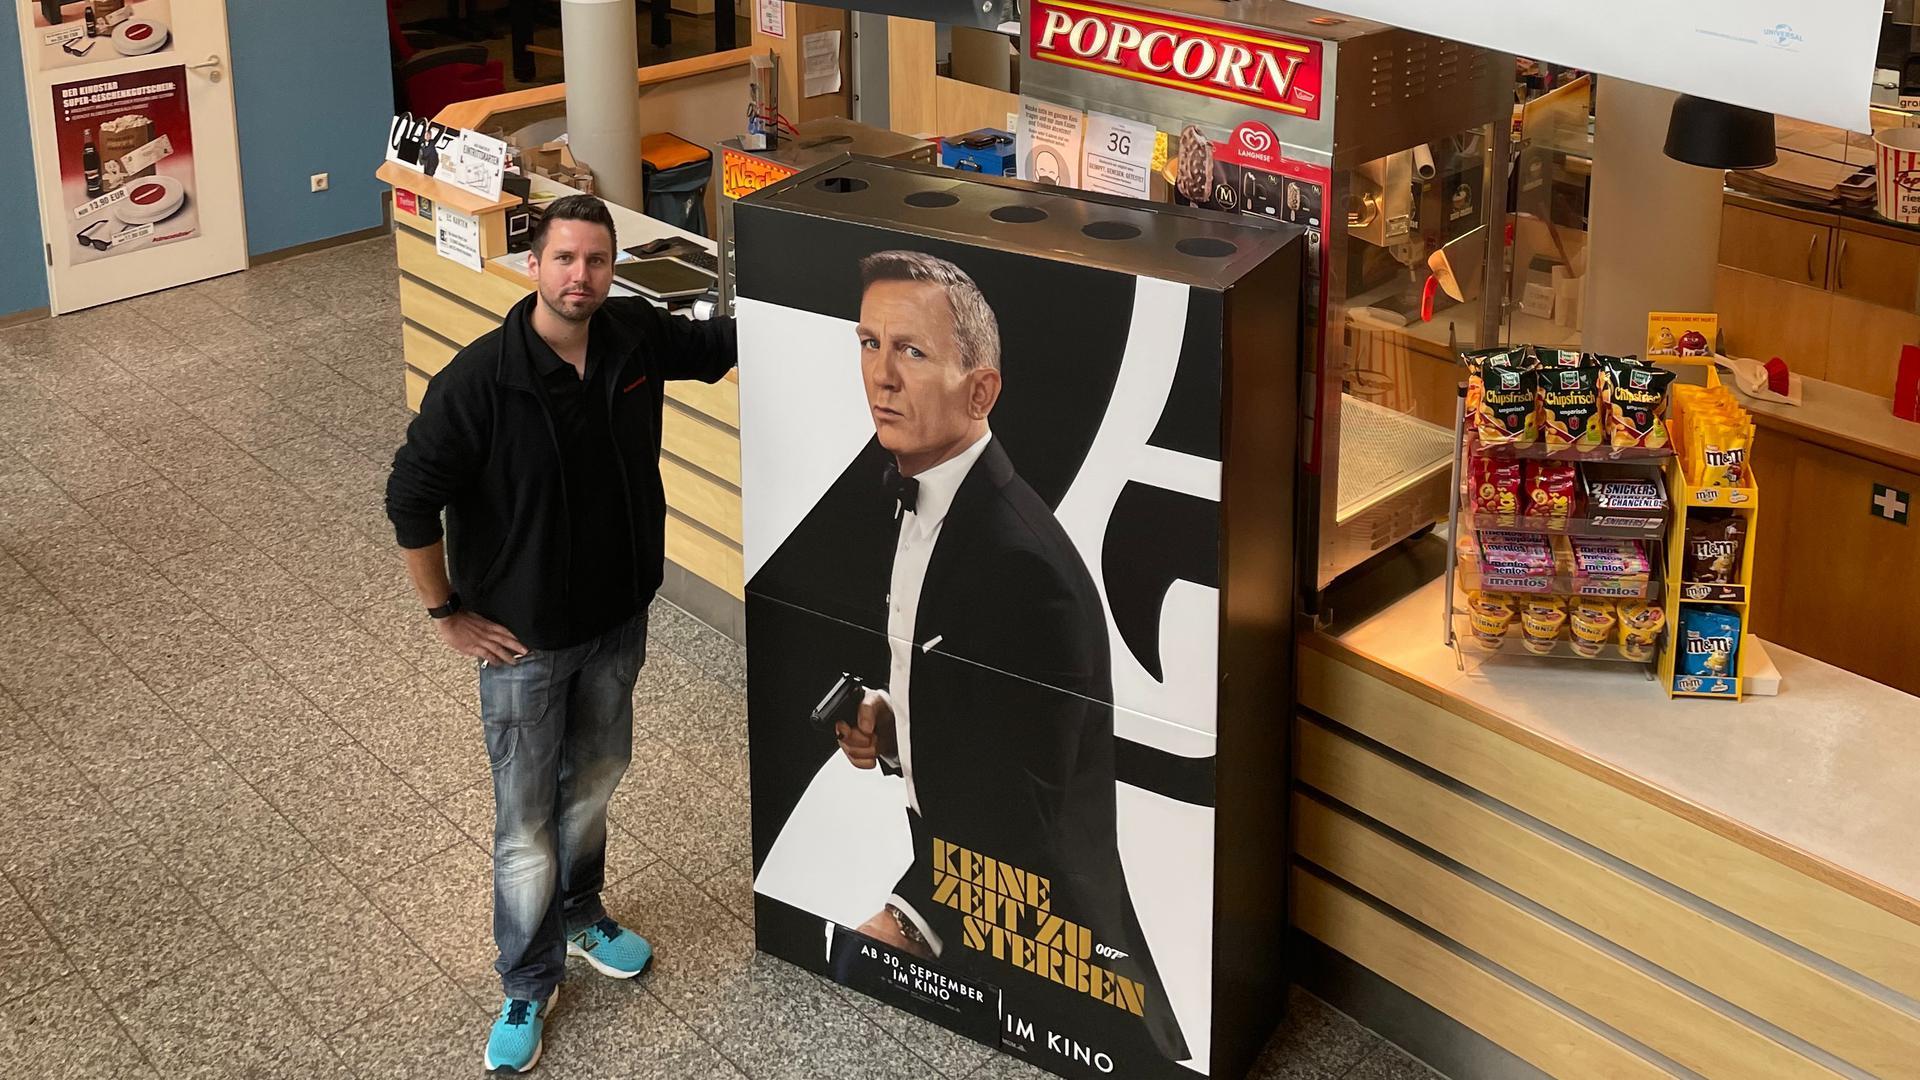 Ein Mann mit Werbeplakat für Kinofilm.